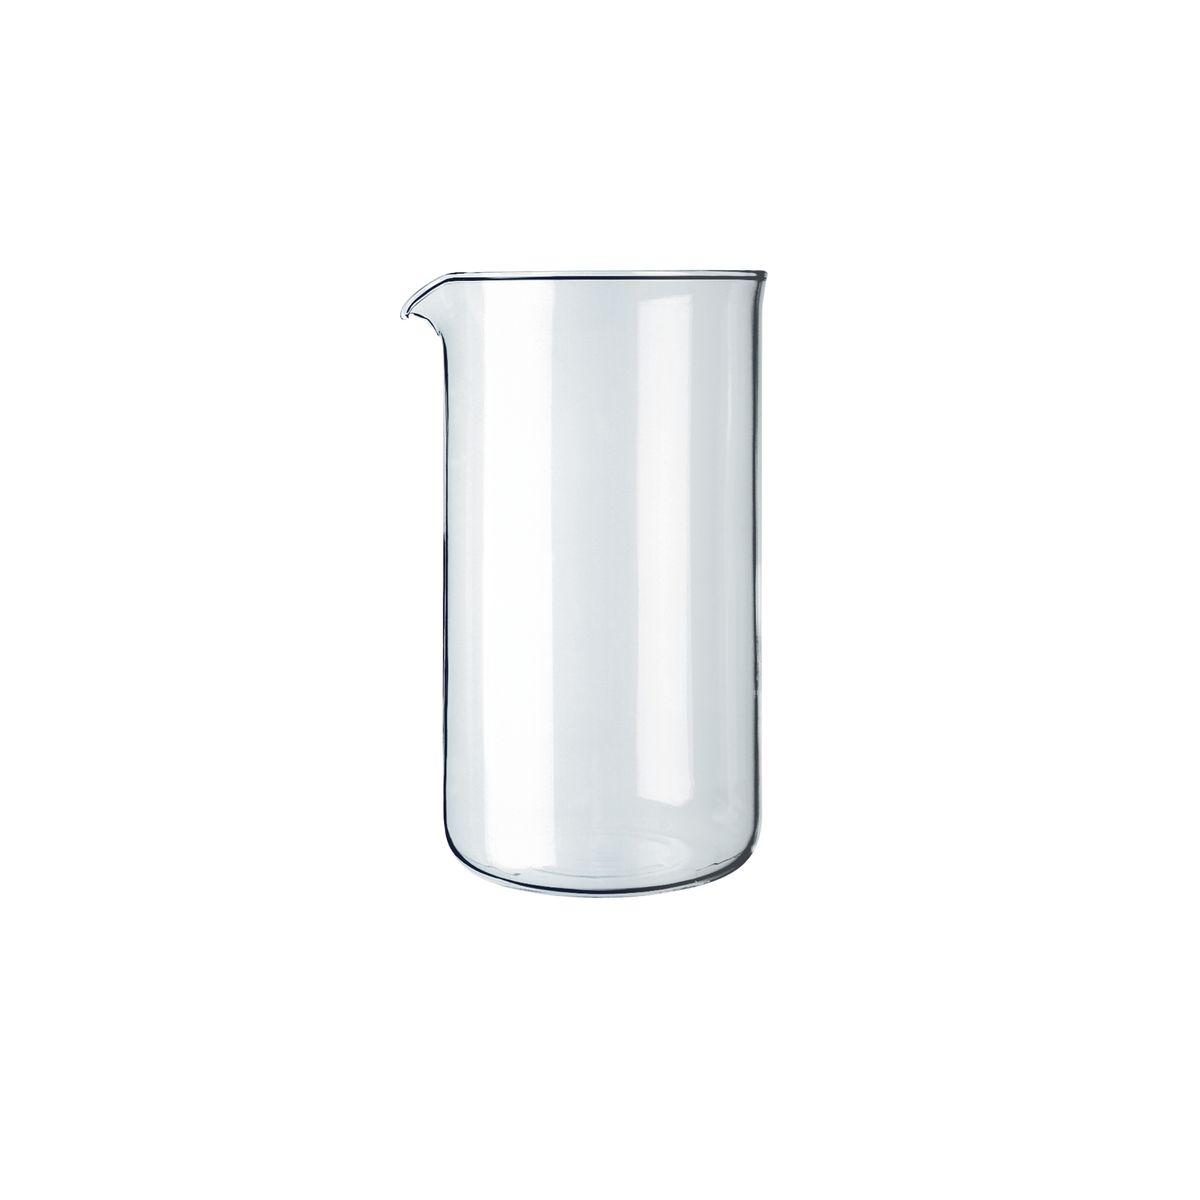 Pièce de rechange : verre de rechange cafetière 3 tasses - Bodum